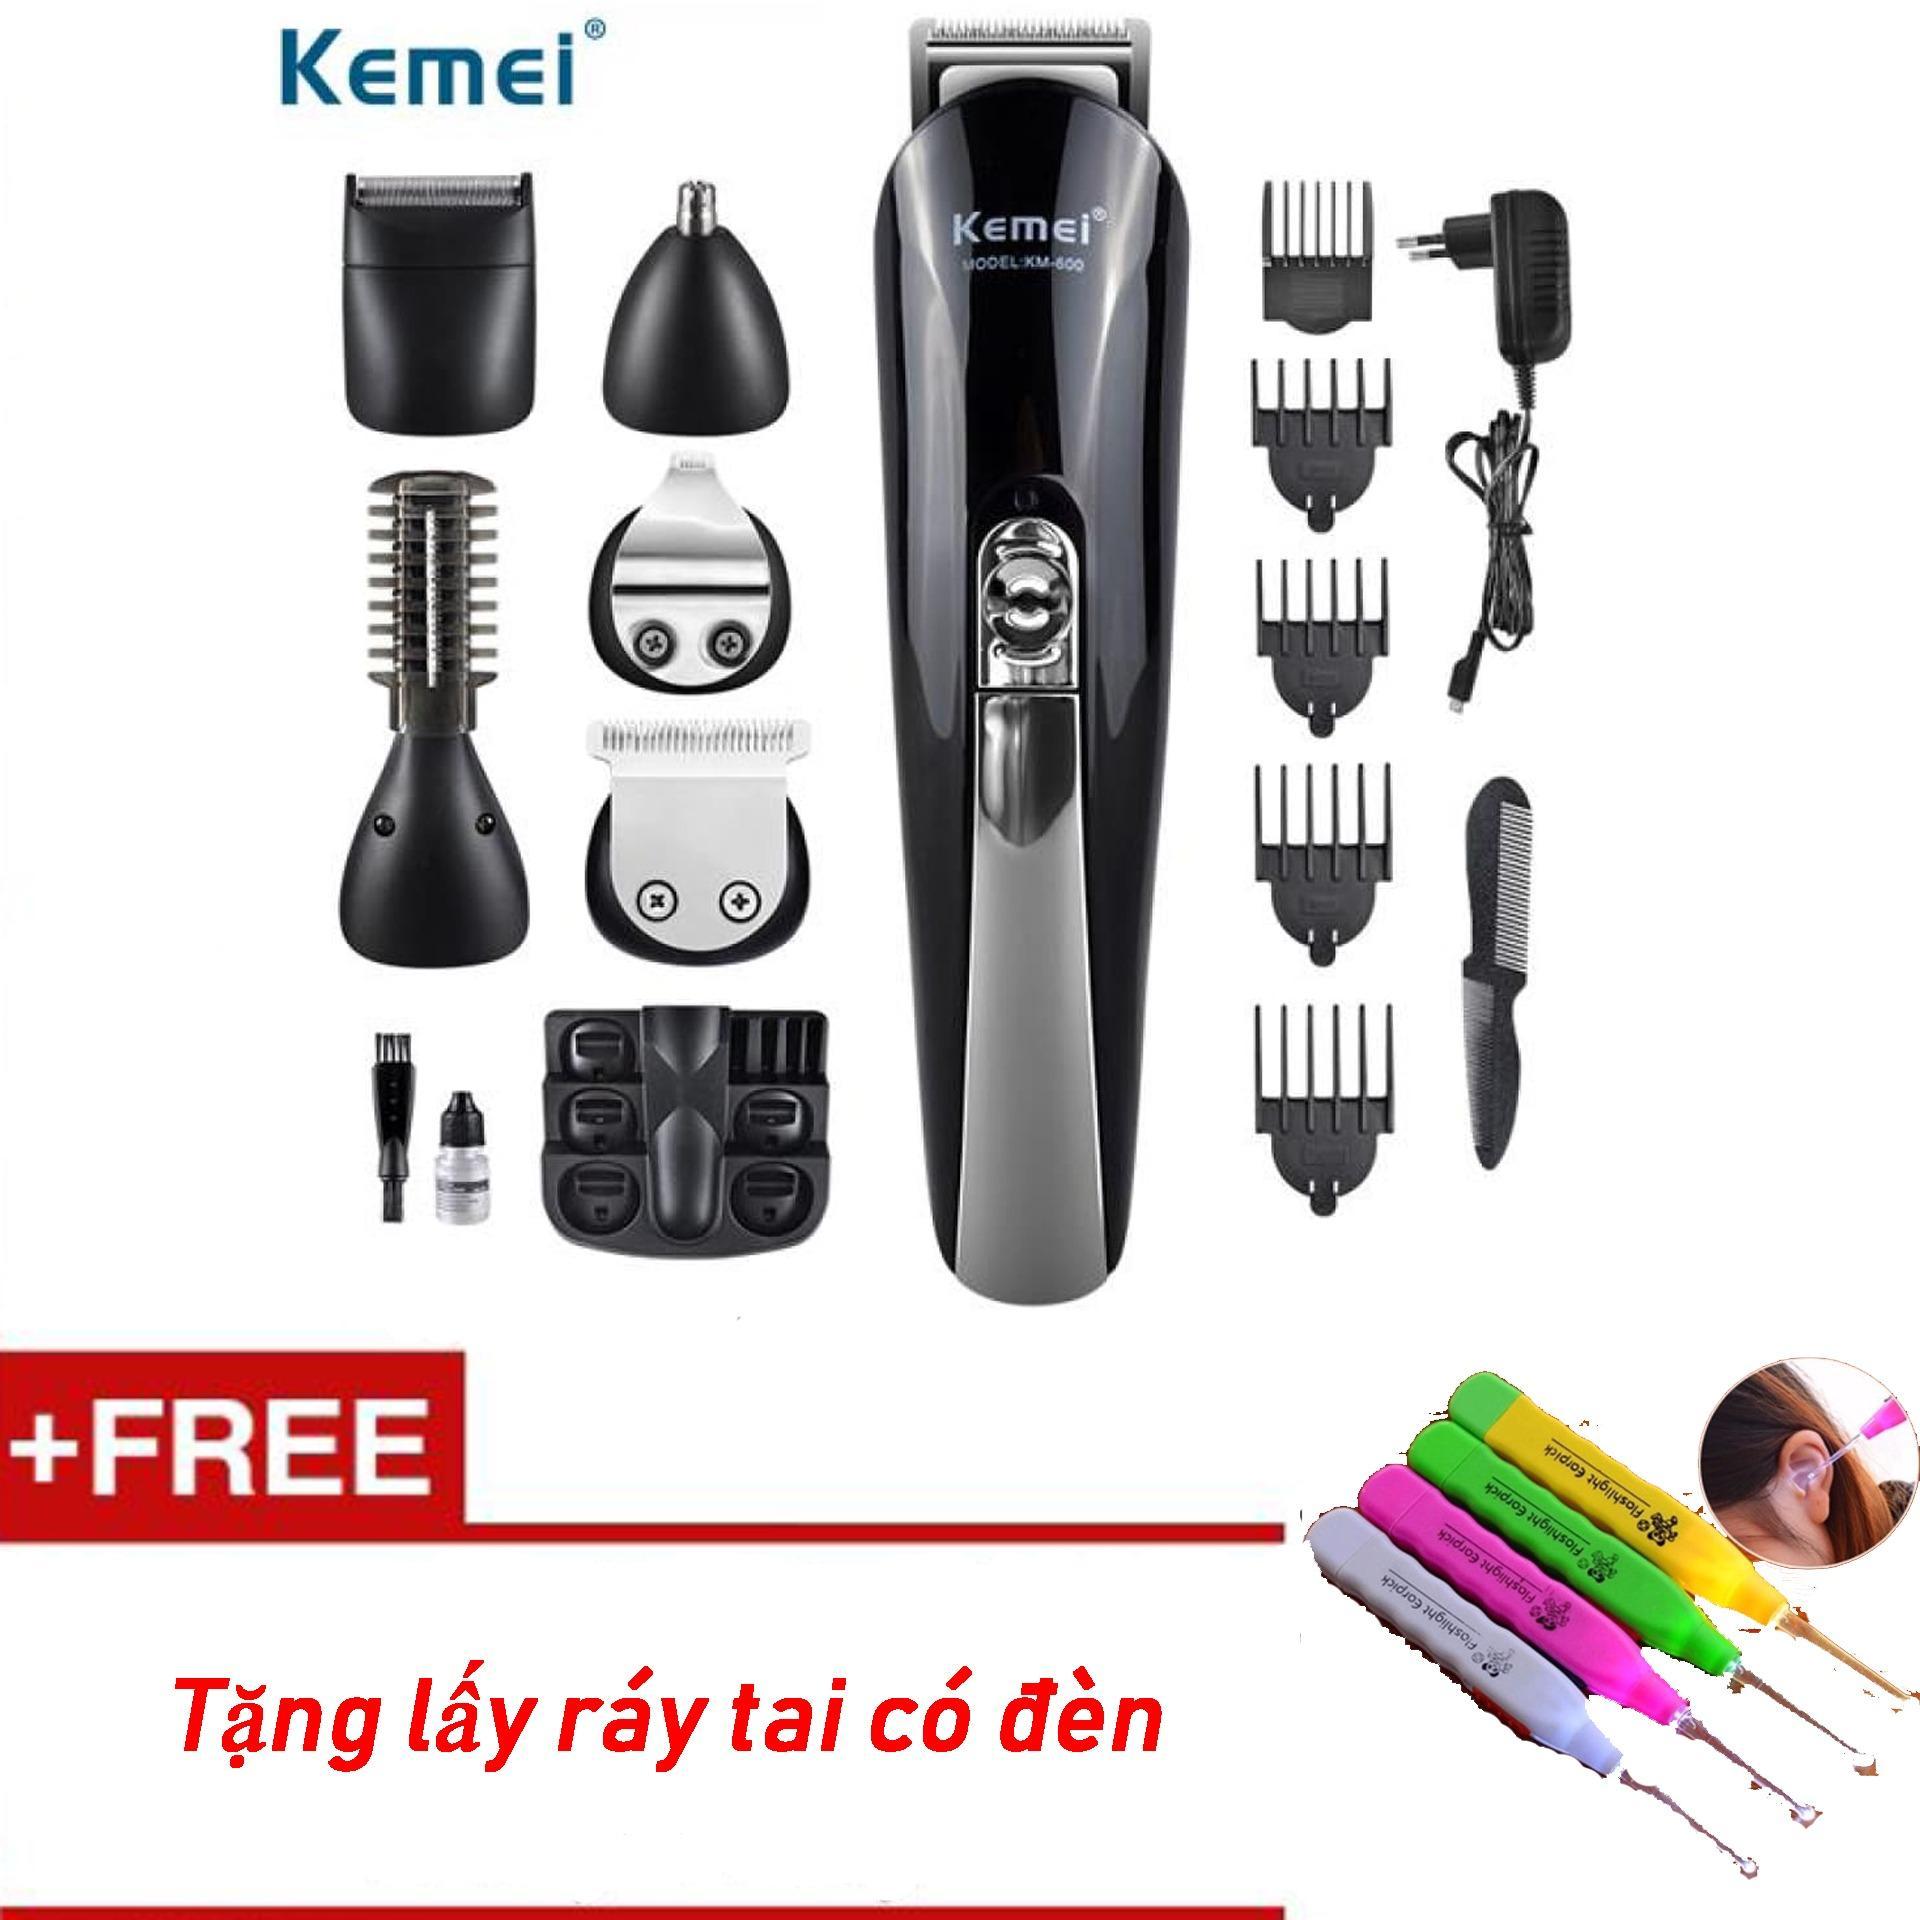 Tông đơ cắt tóc đa năng 6in1 Kemei KM-600 - Hãng bảo hành 1 đổi 1, cam kết về chất lượng + Tặng lấy ráy tai có đèn